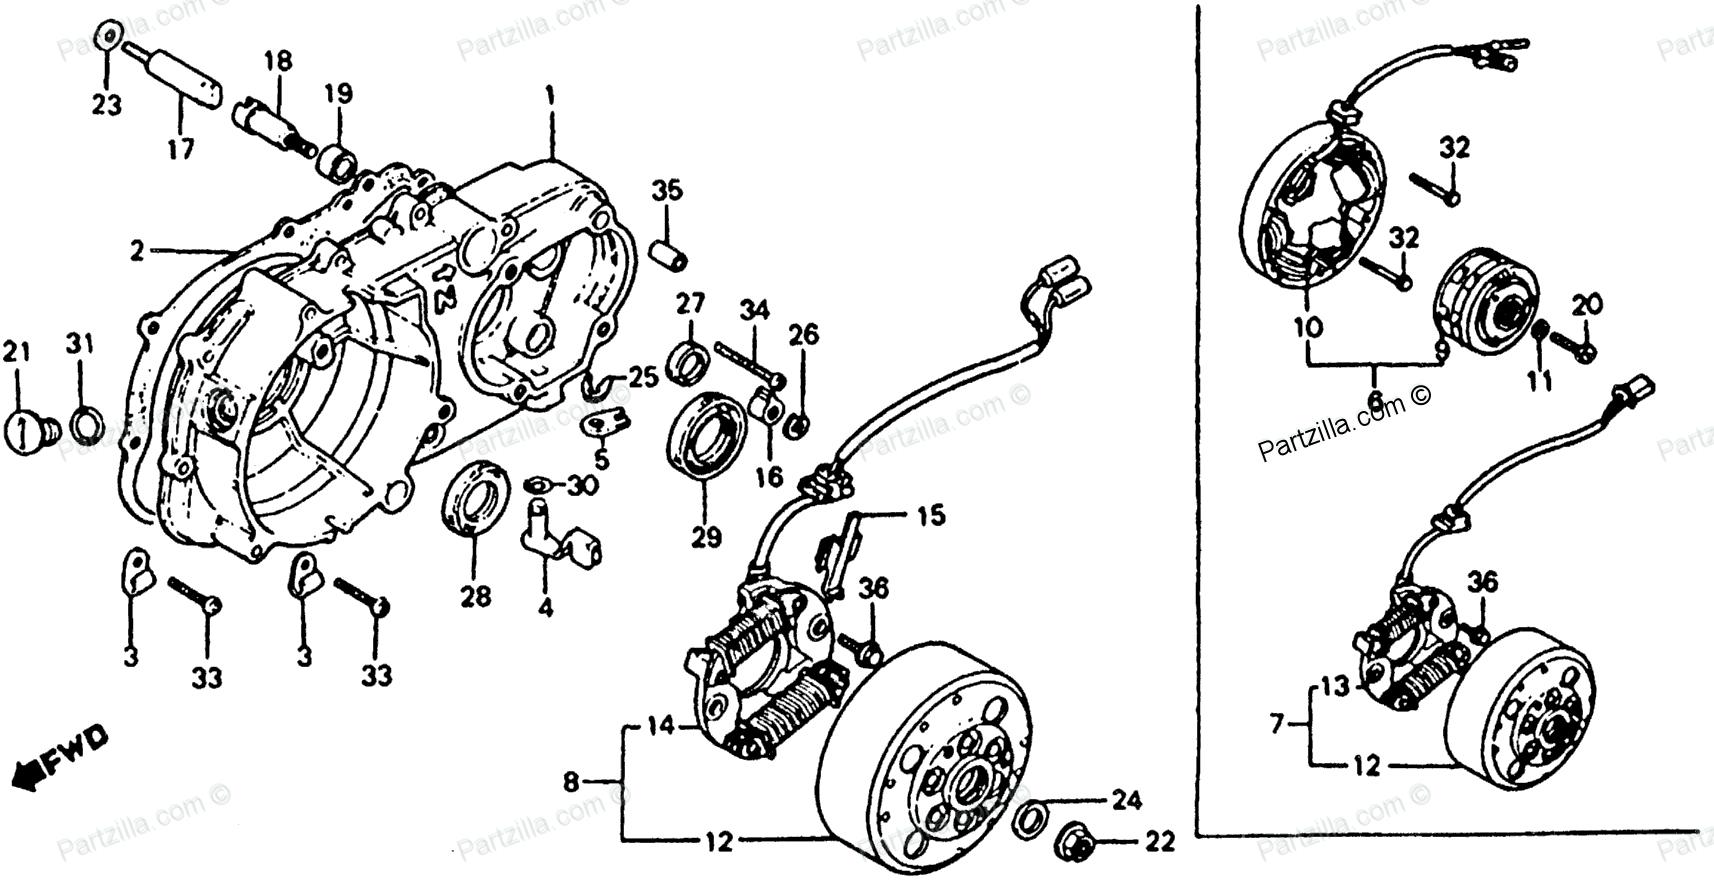 Honda Atv Parts Diagrams